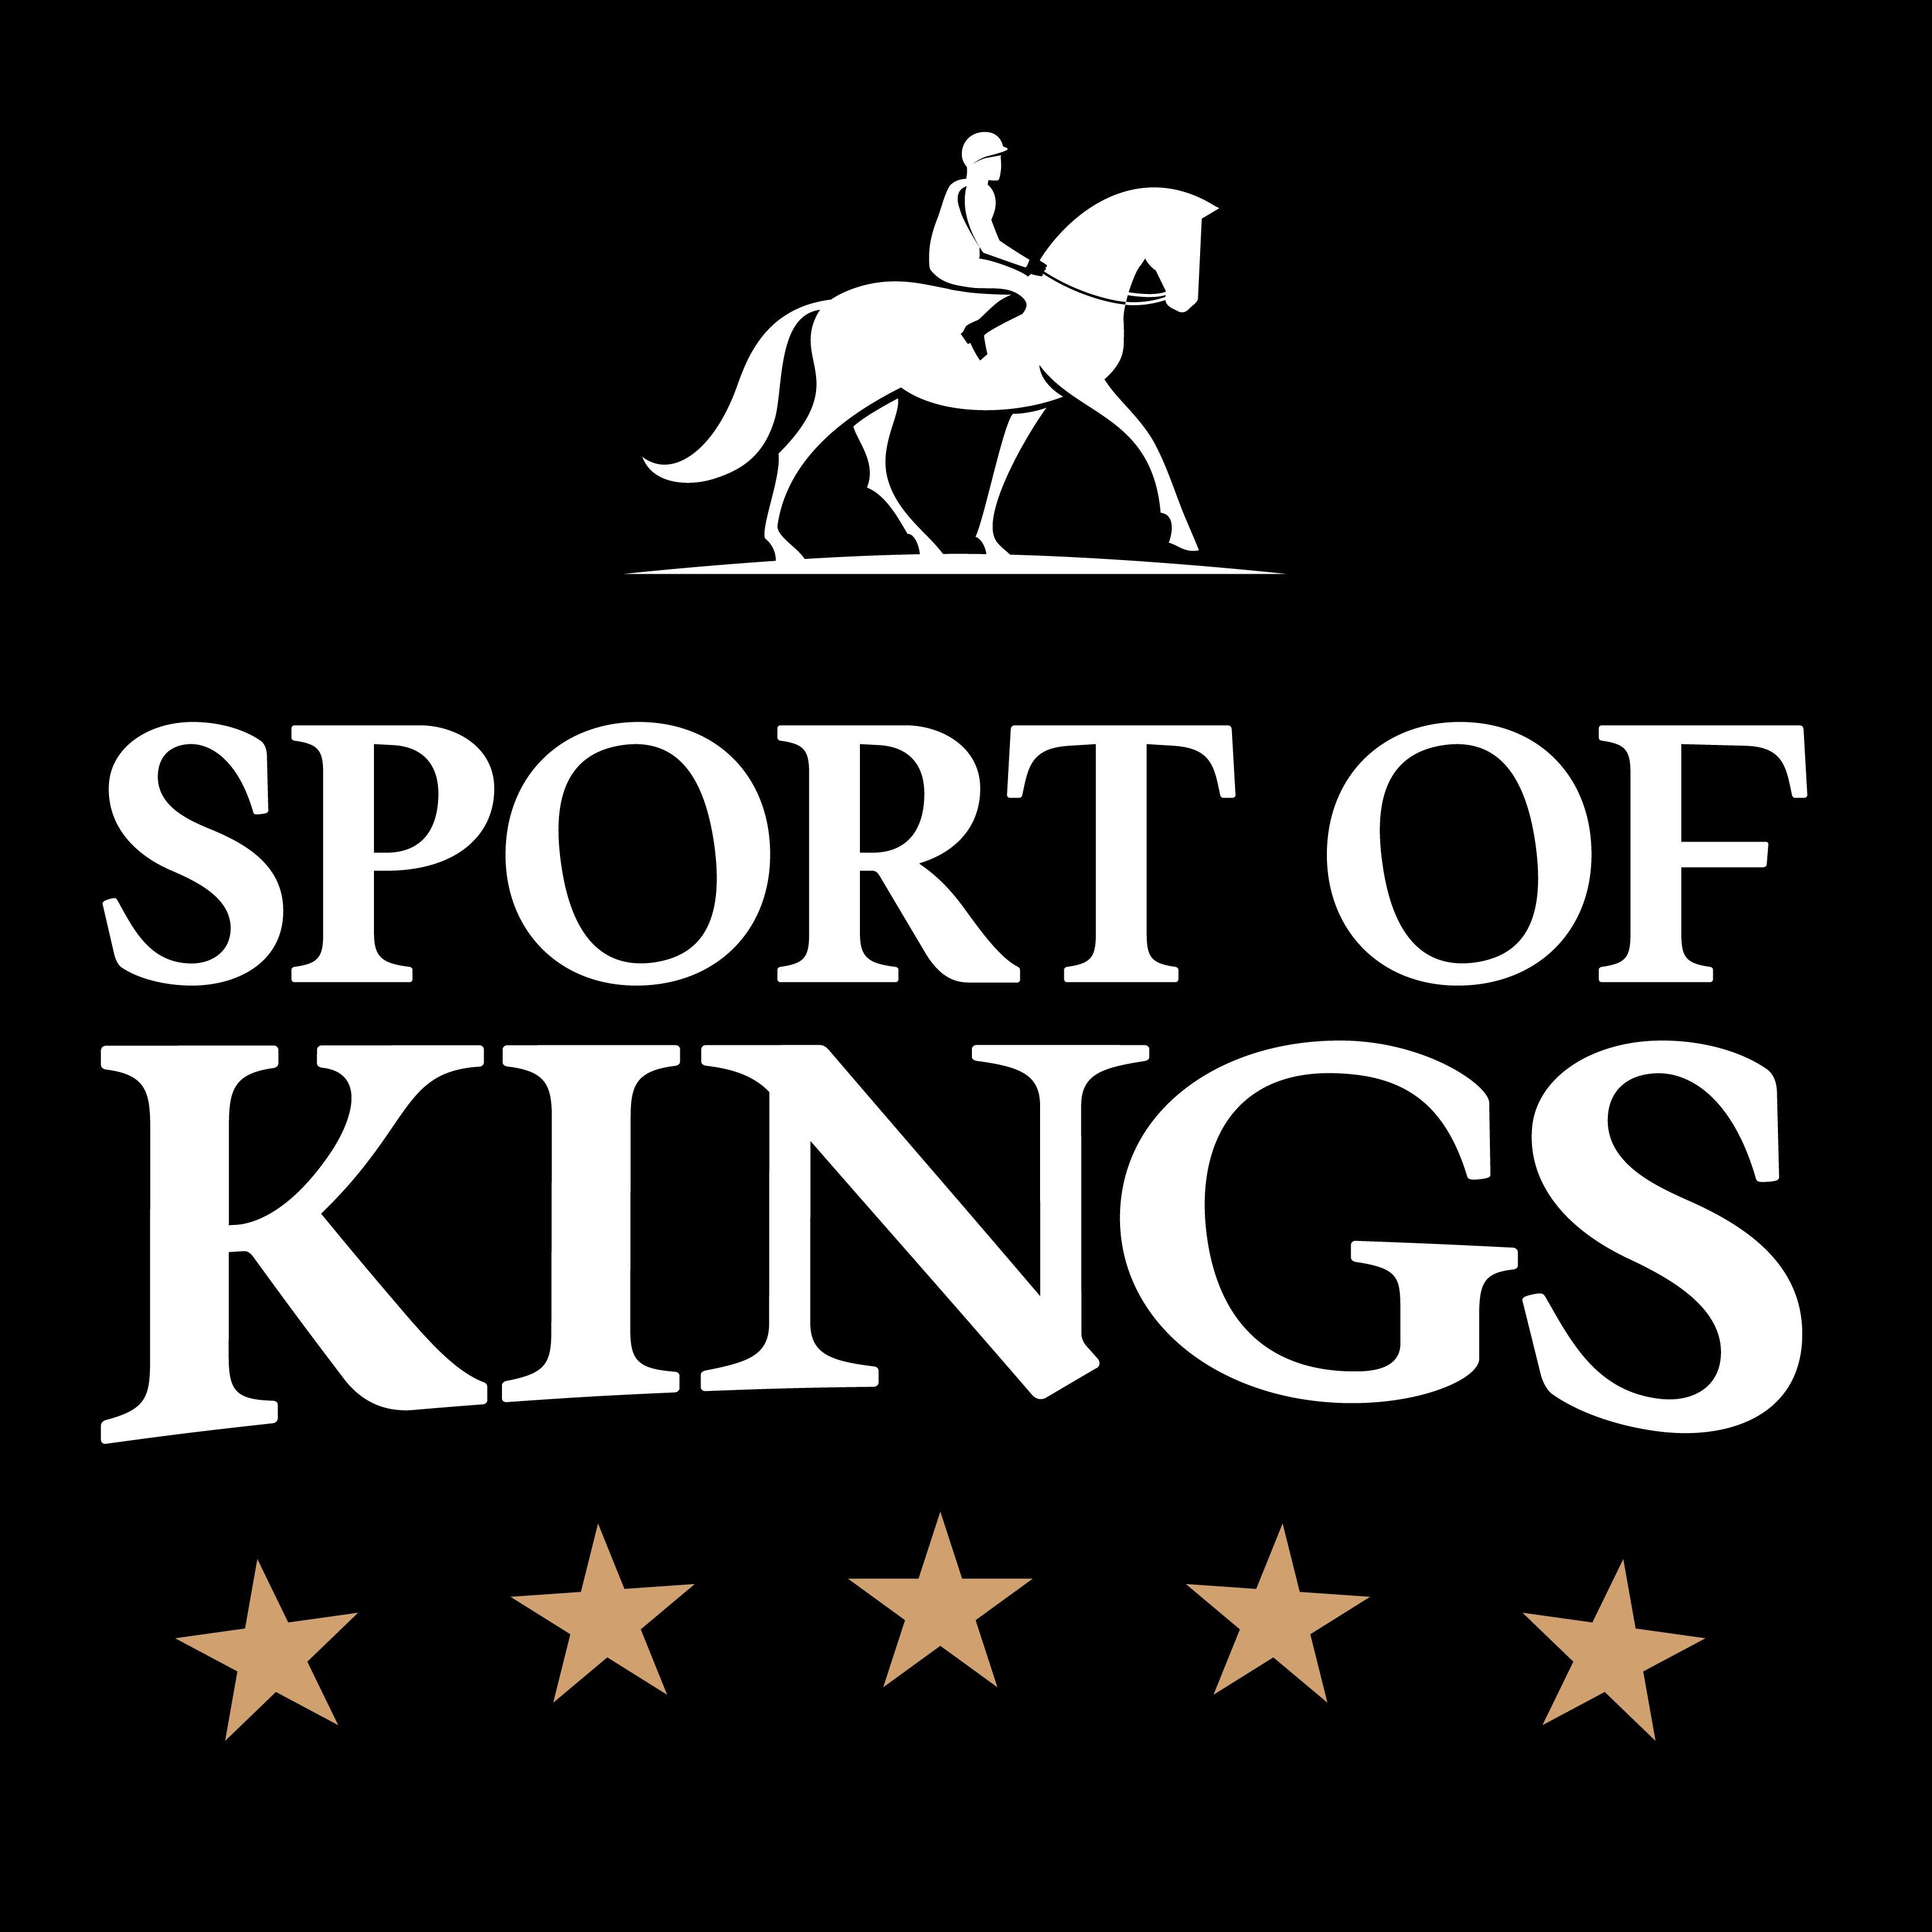 https://image.simplecastcdn.com/images/f2759fec-b170-4a5c-bf4d-81a3ad7fd3c6/56e854ea-8ce8-4283-a546-bf05c2668e0d/sport-of-kings-pod-logo-orig-inverse.jpg